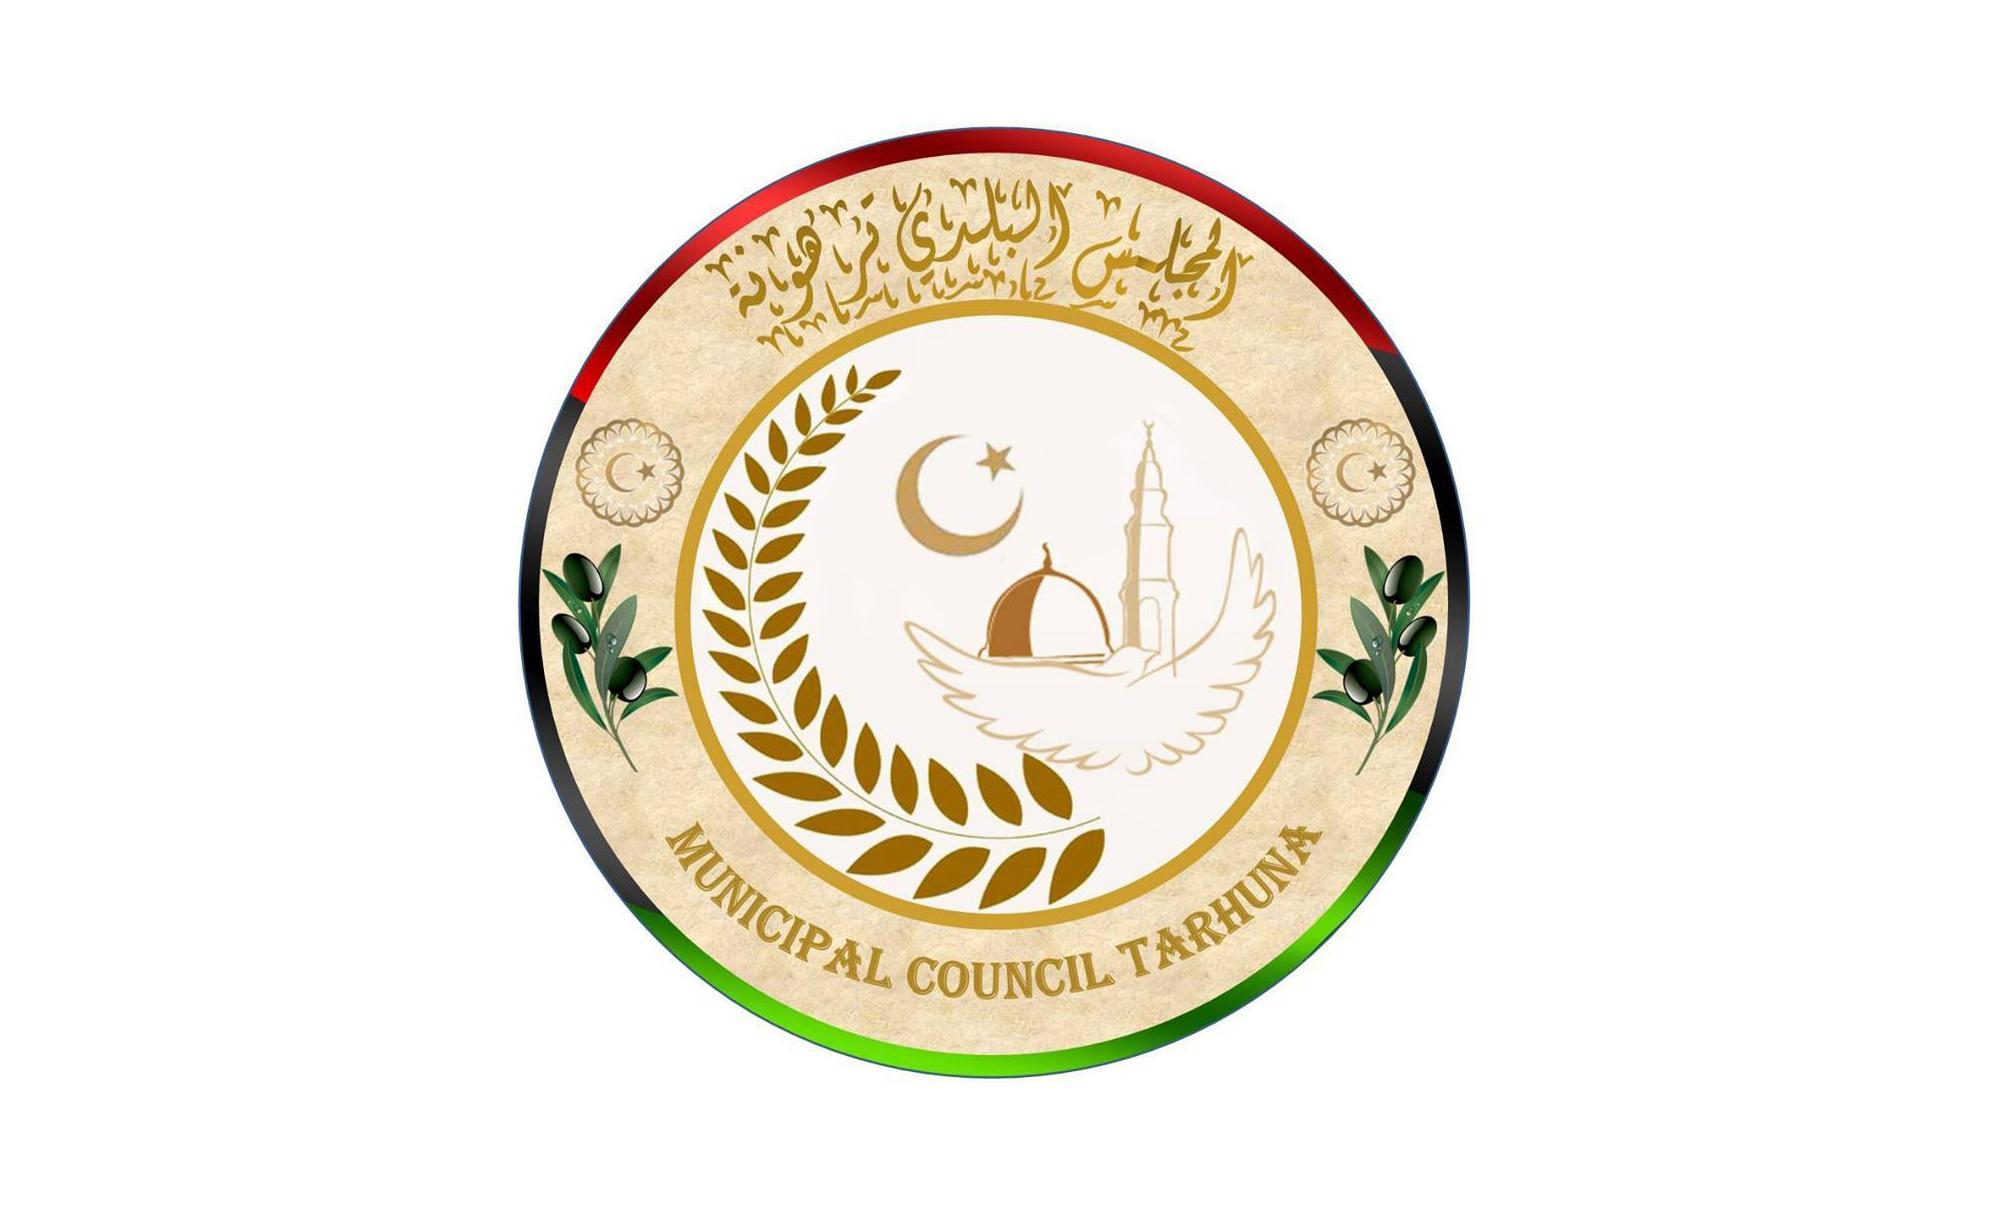 المجلس البلدي ترهونة